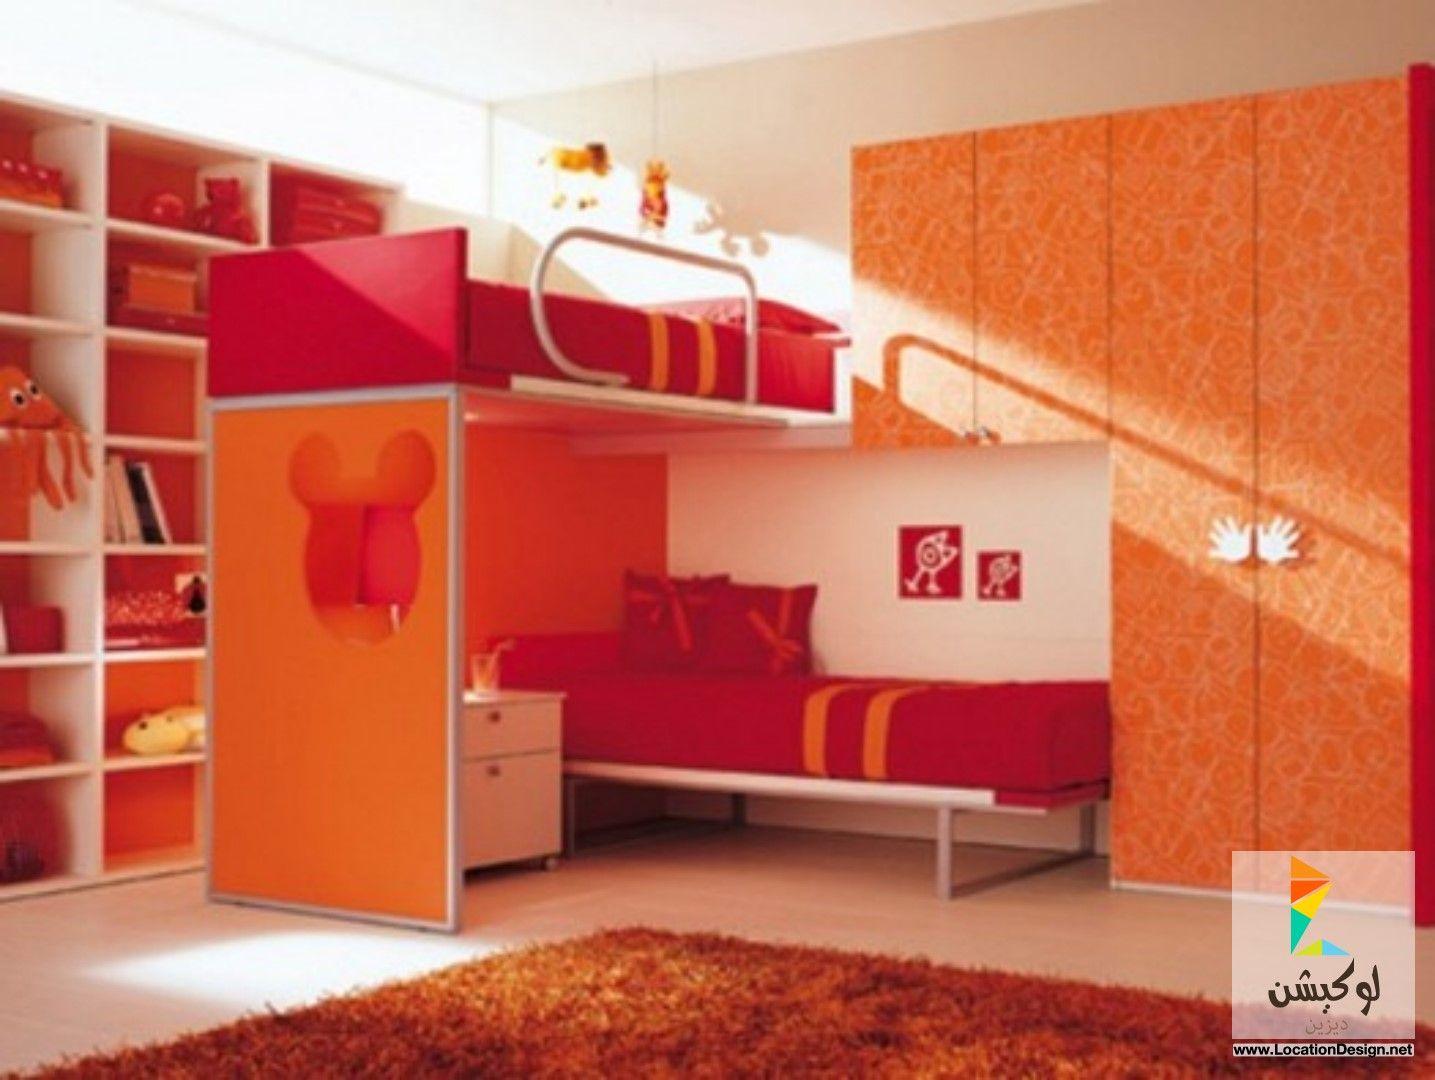 احدث 10 تصميمات غرف نوم اطفال ايكيا 2015 لوكشين ديزين نت Amazing Bedroom Designs Kids Bedroom Bunk Bed Kids Bunk Bed Rooms